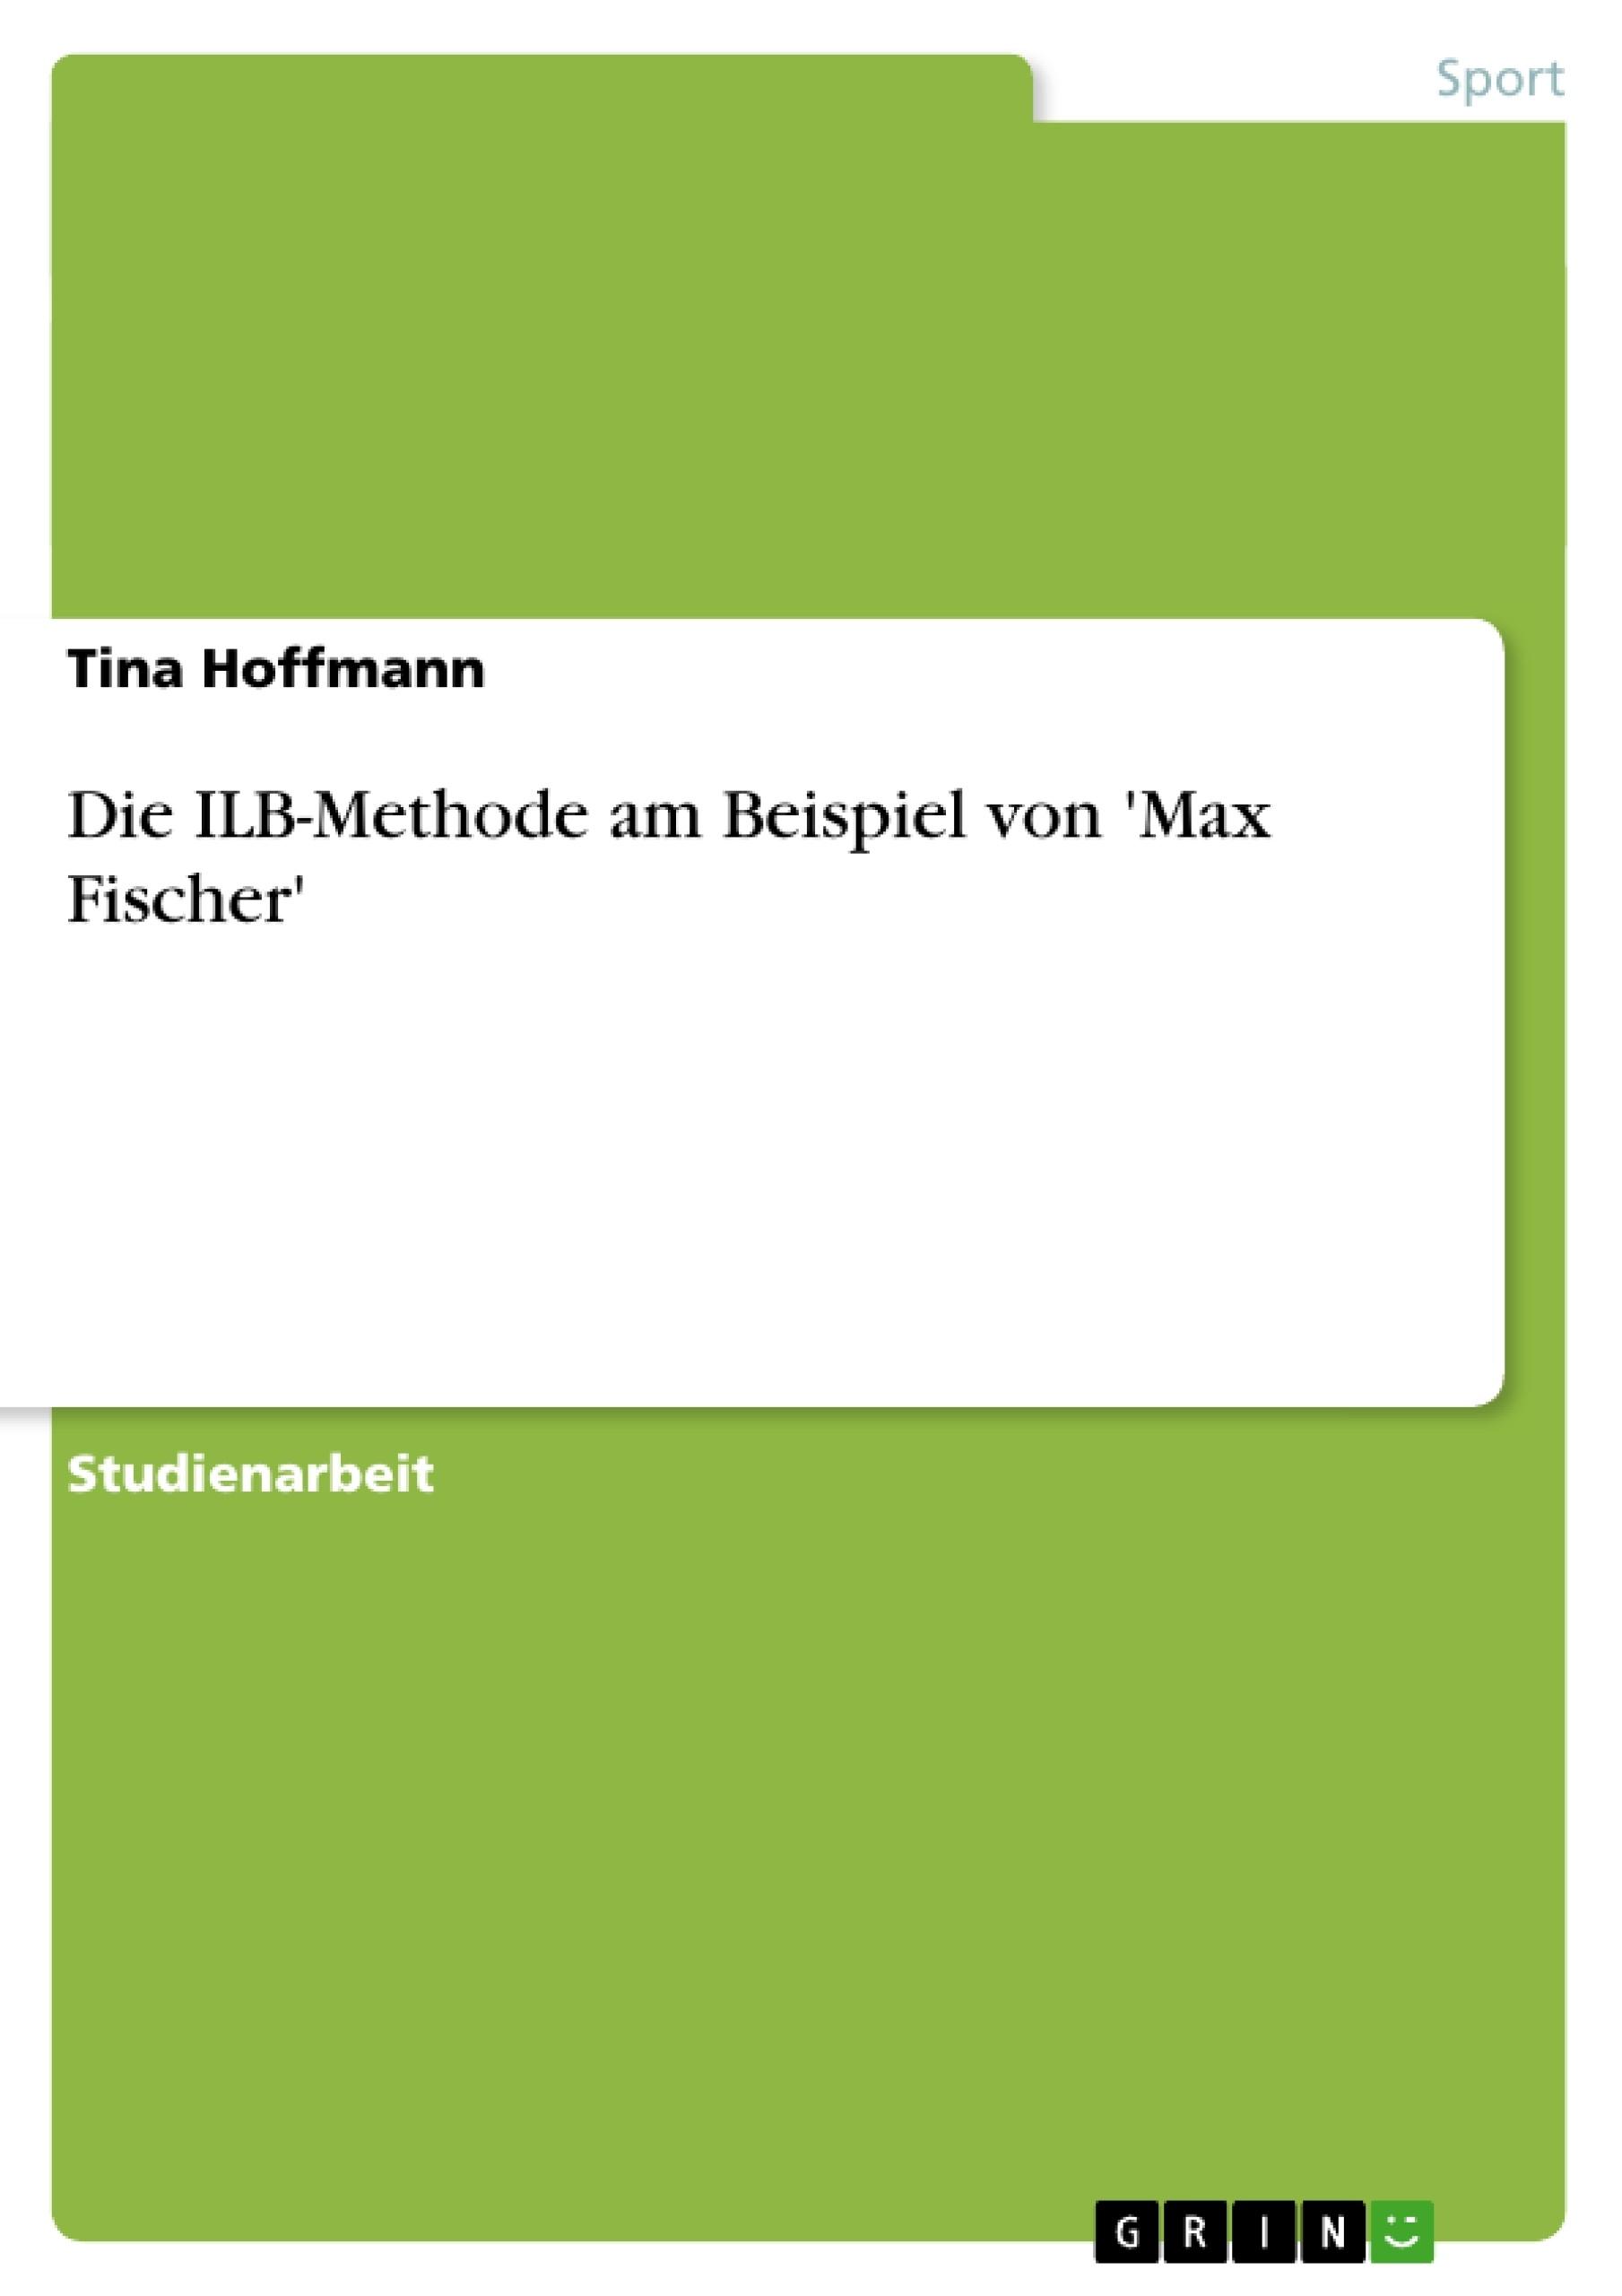 Titel: Die ILB-Methode am Beispiel von 'Max Fischer'